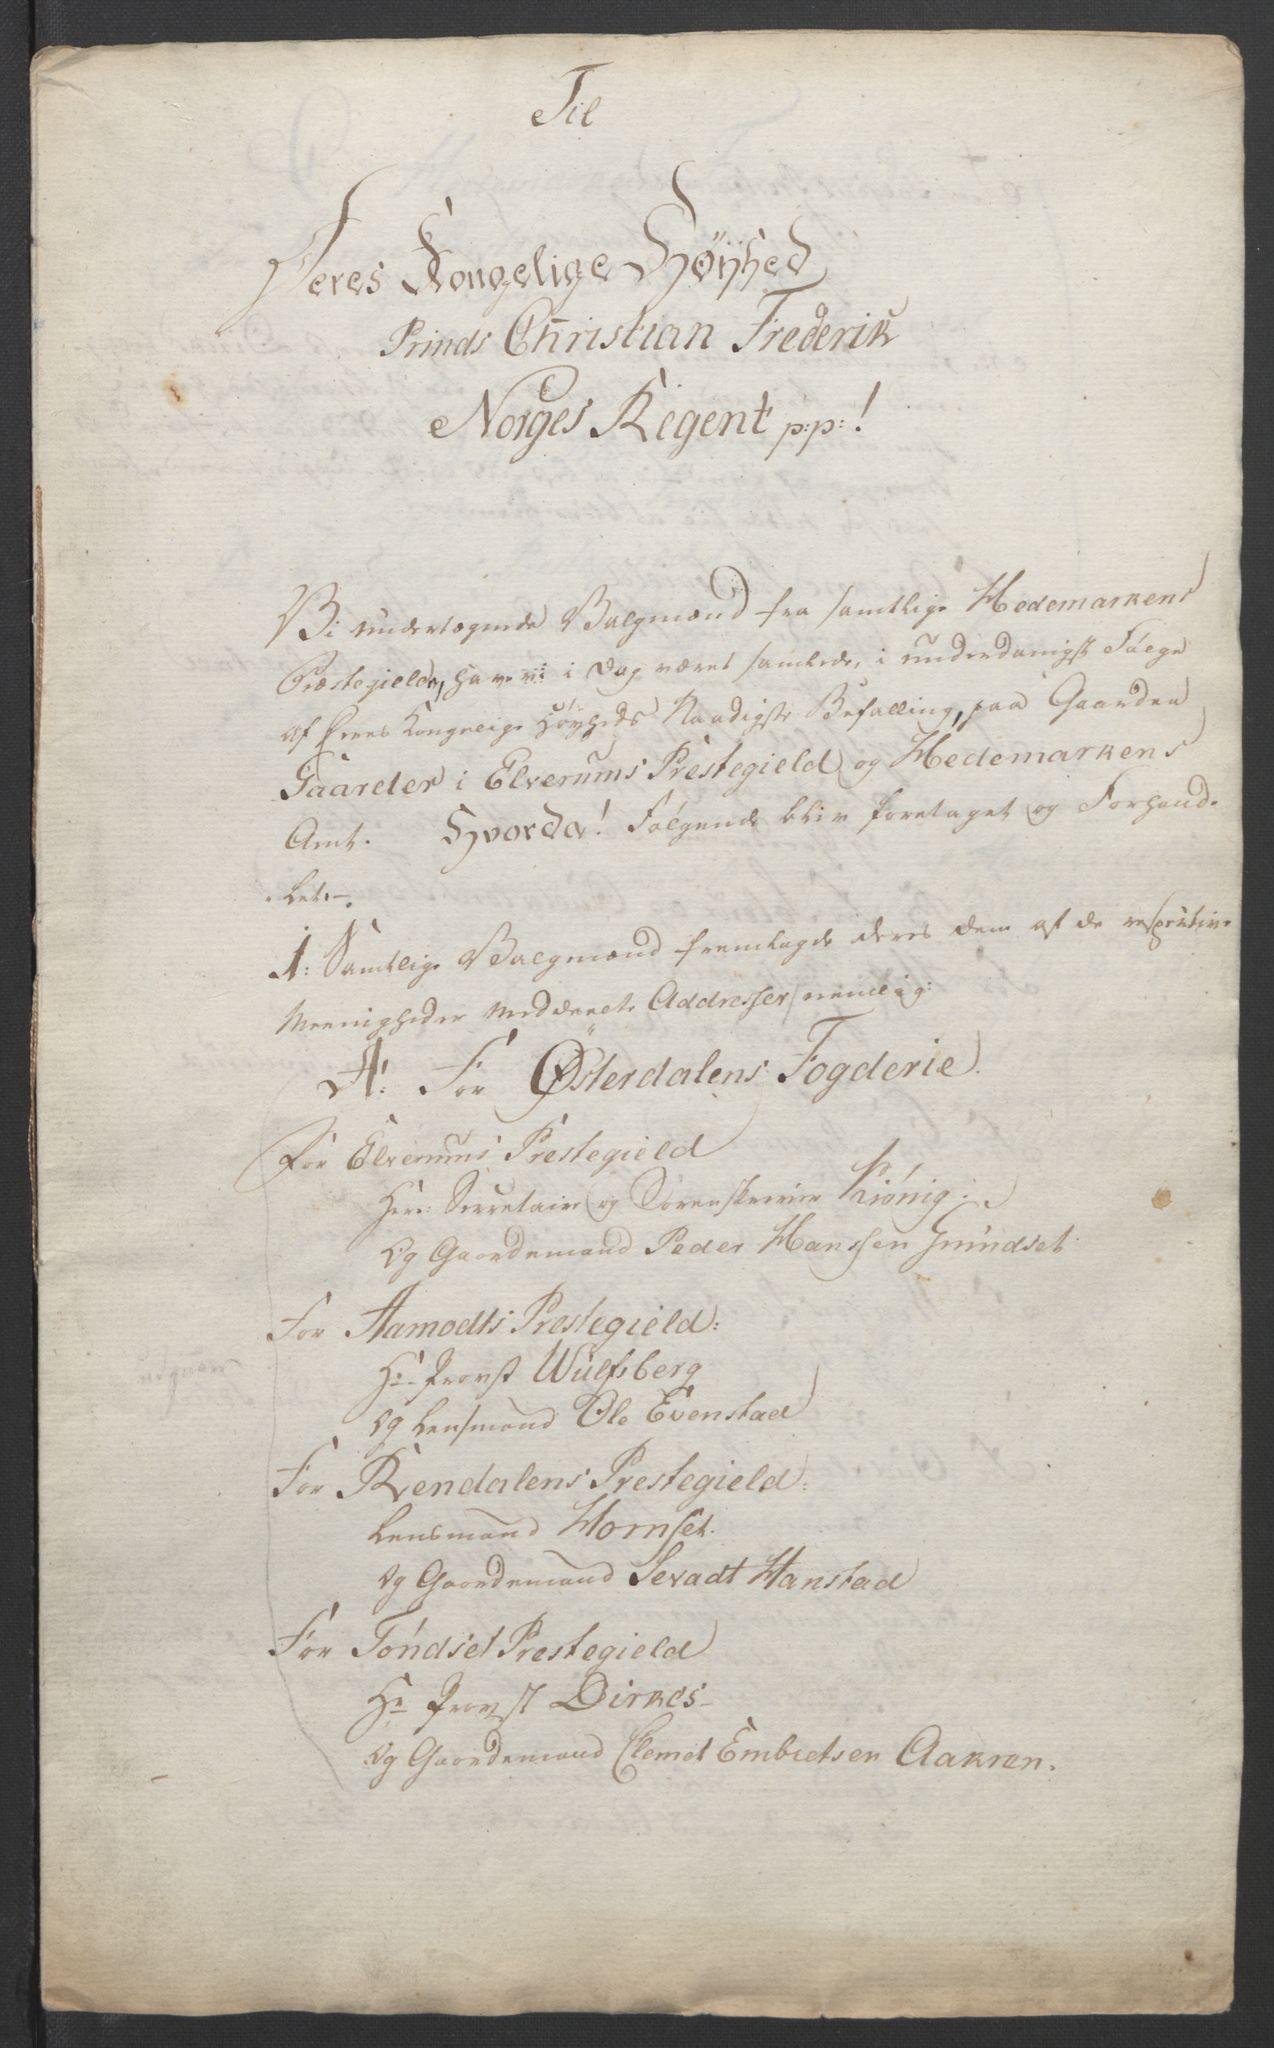 RA, Statsrådssekretariatet, D/Db/L0007: Fullmakter for Eidsvollsrepresentantene i 1814. , 1814, s. 215